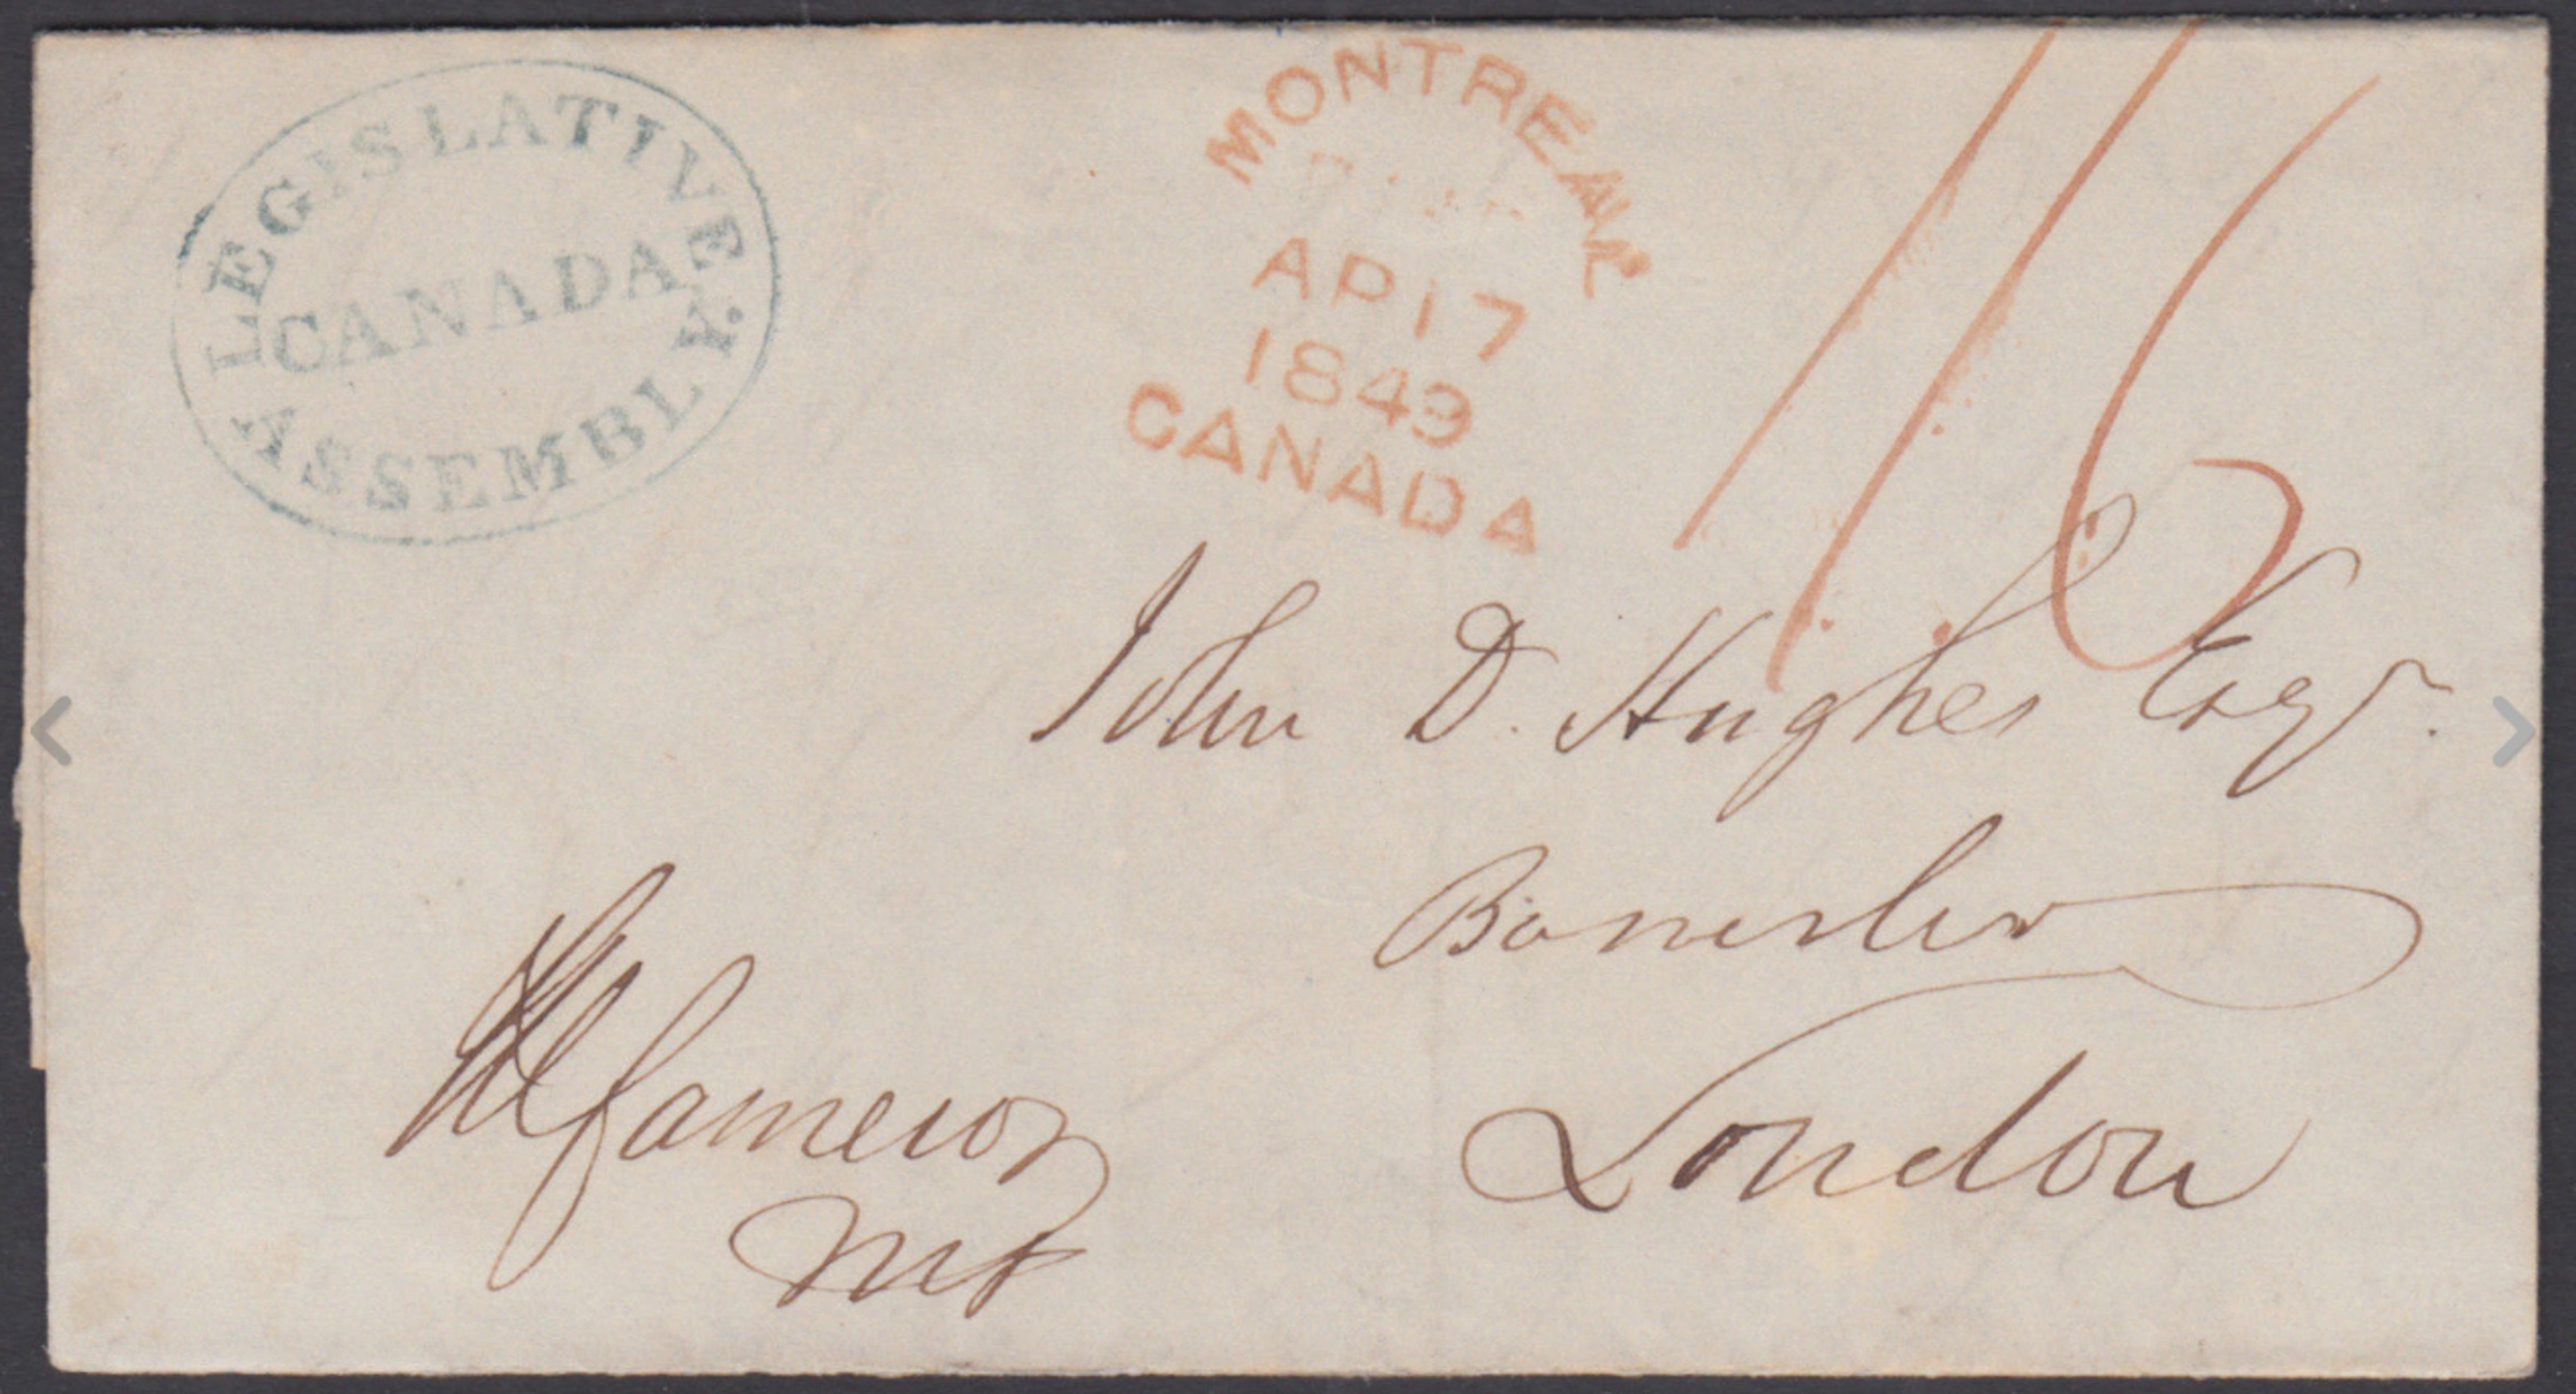 Une partie d'un manuscrit sur lequel sont étampées l'inscription Legislative Assembly Canada et la date 1849